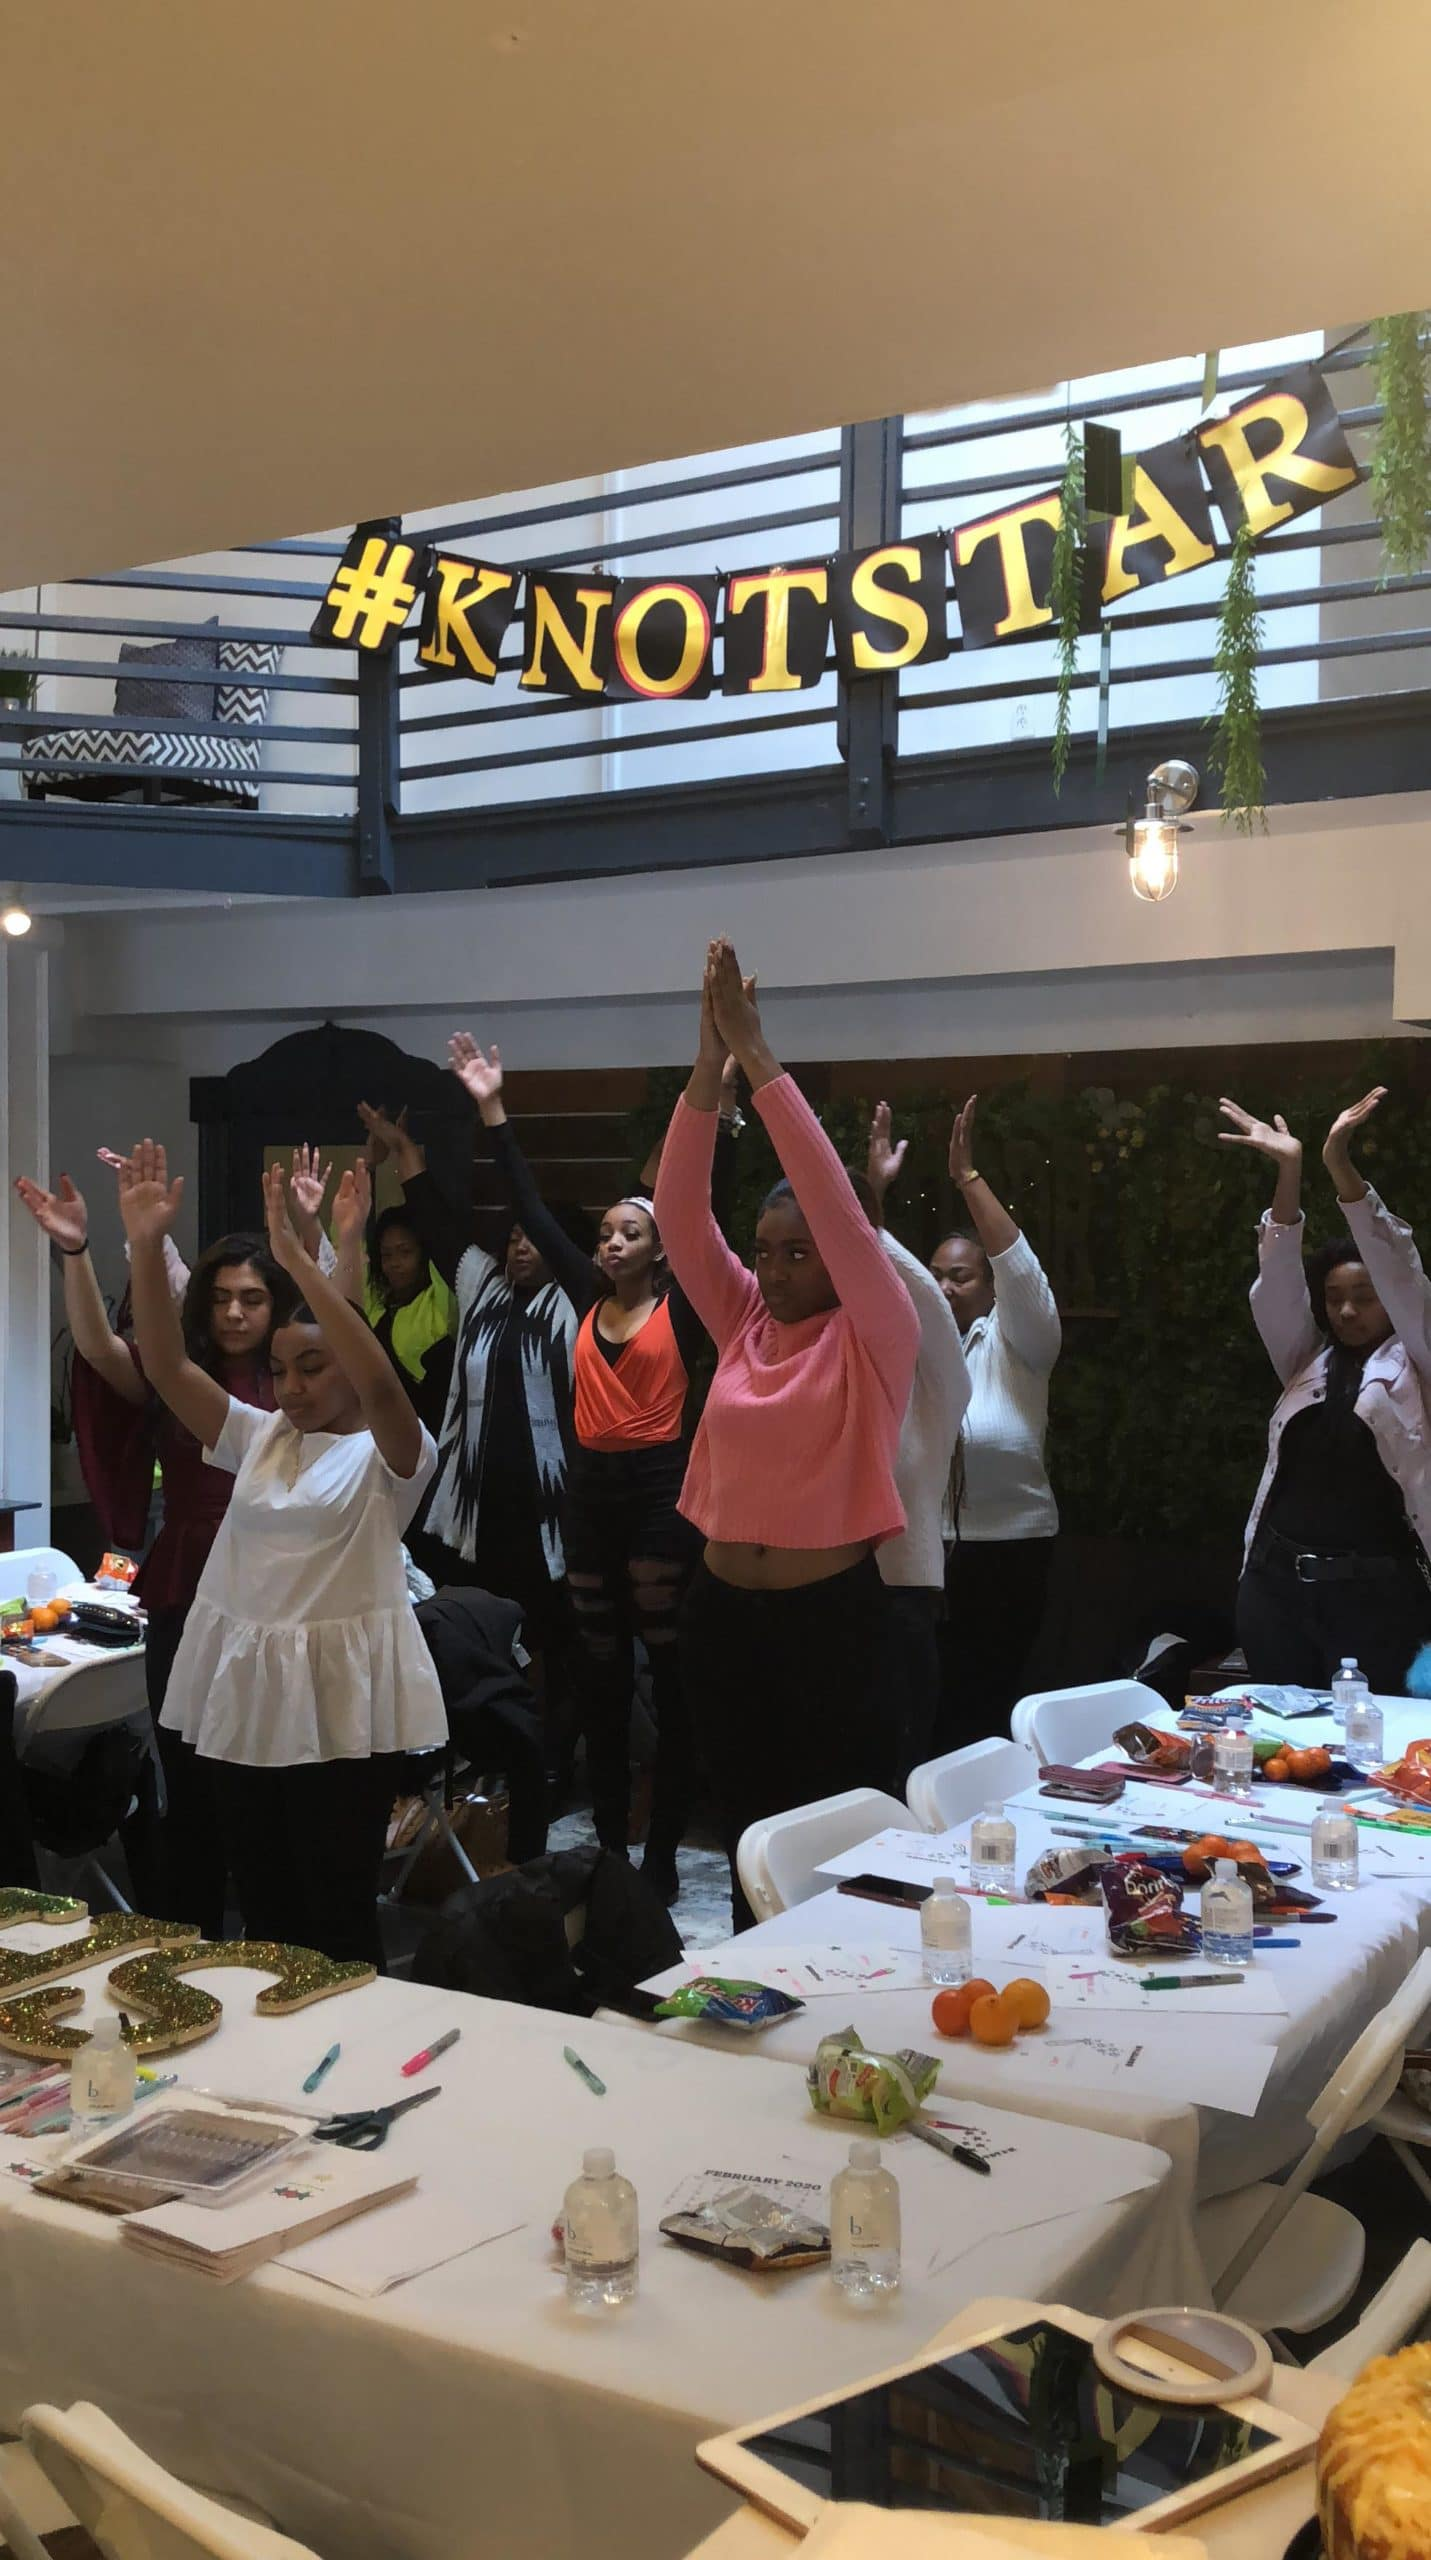 KnotStar retreat